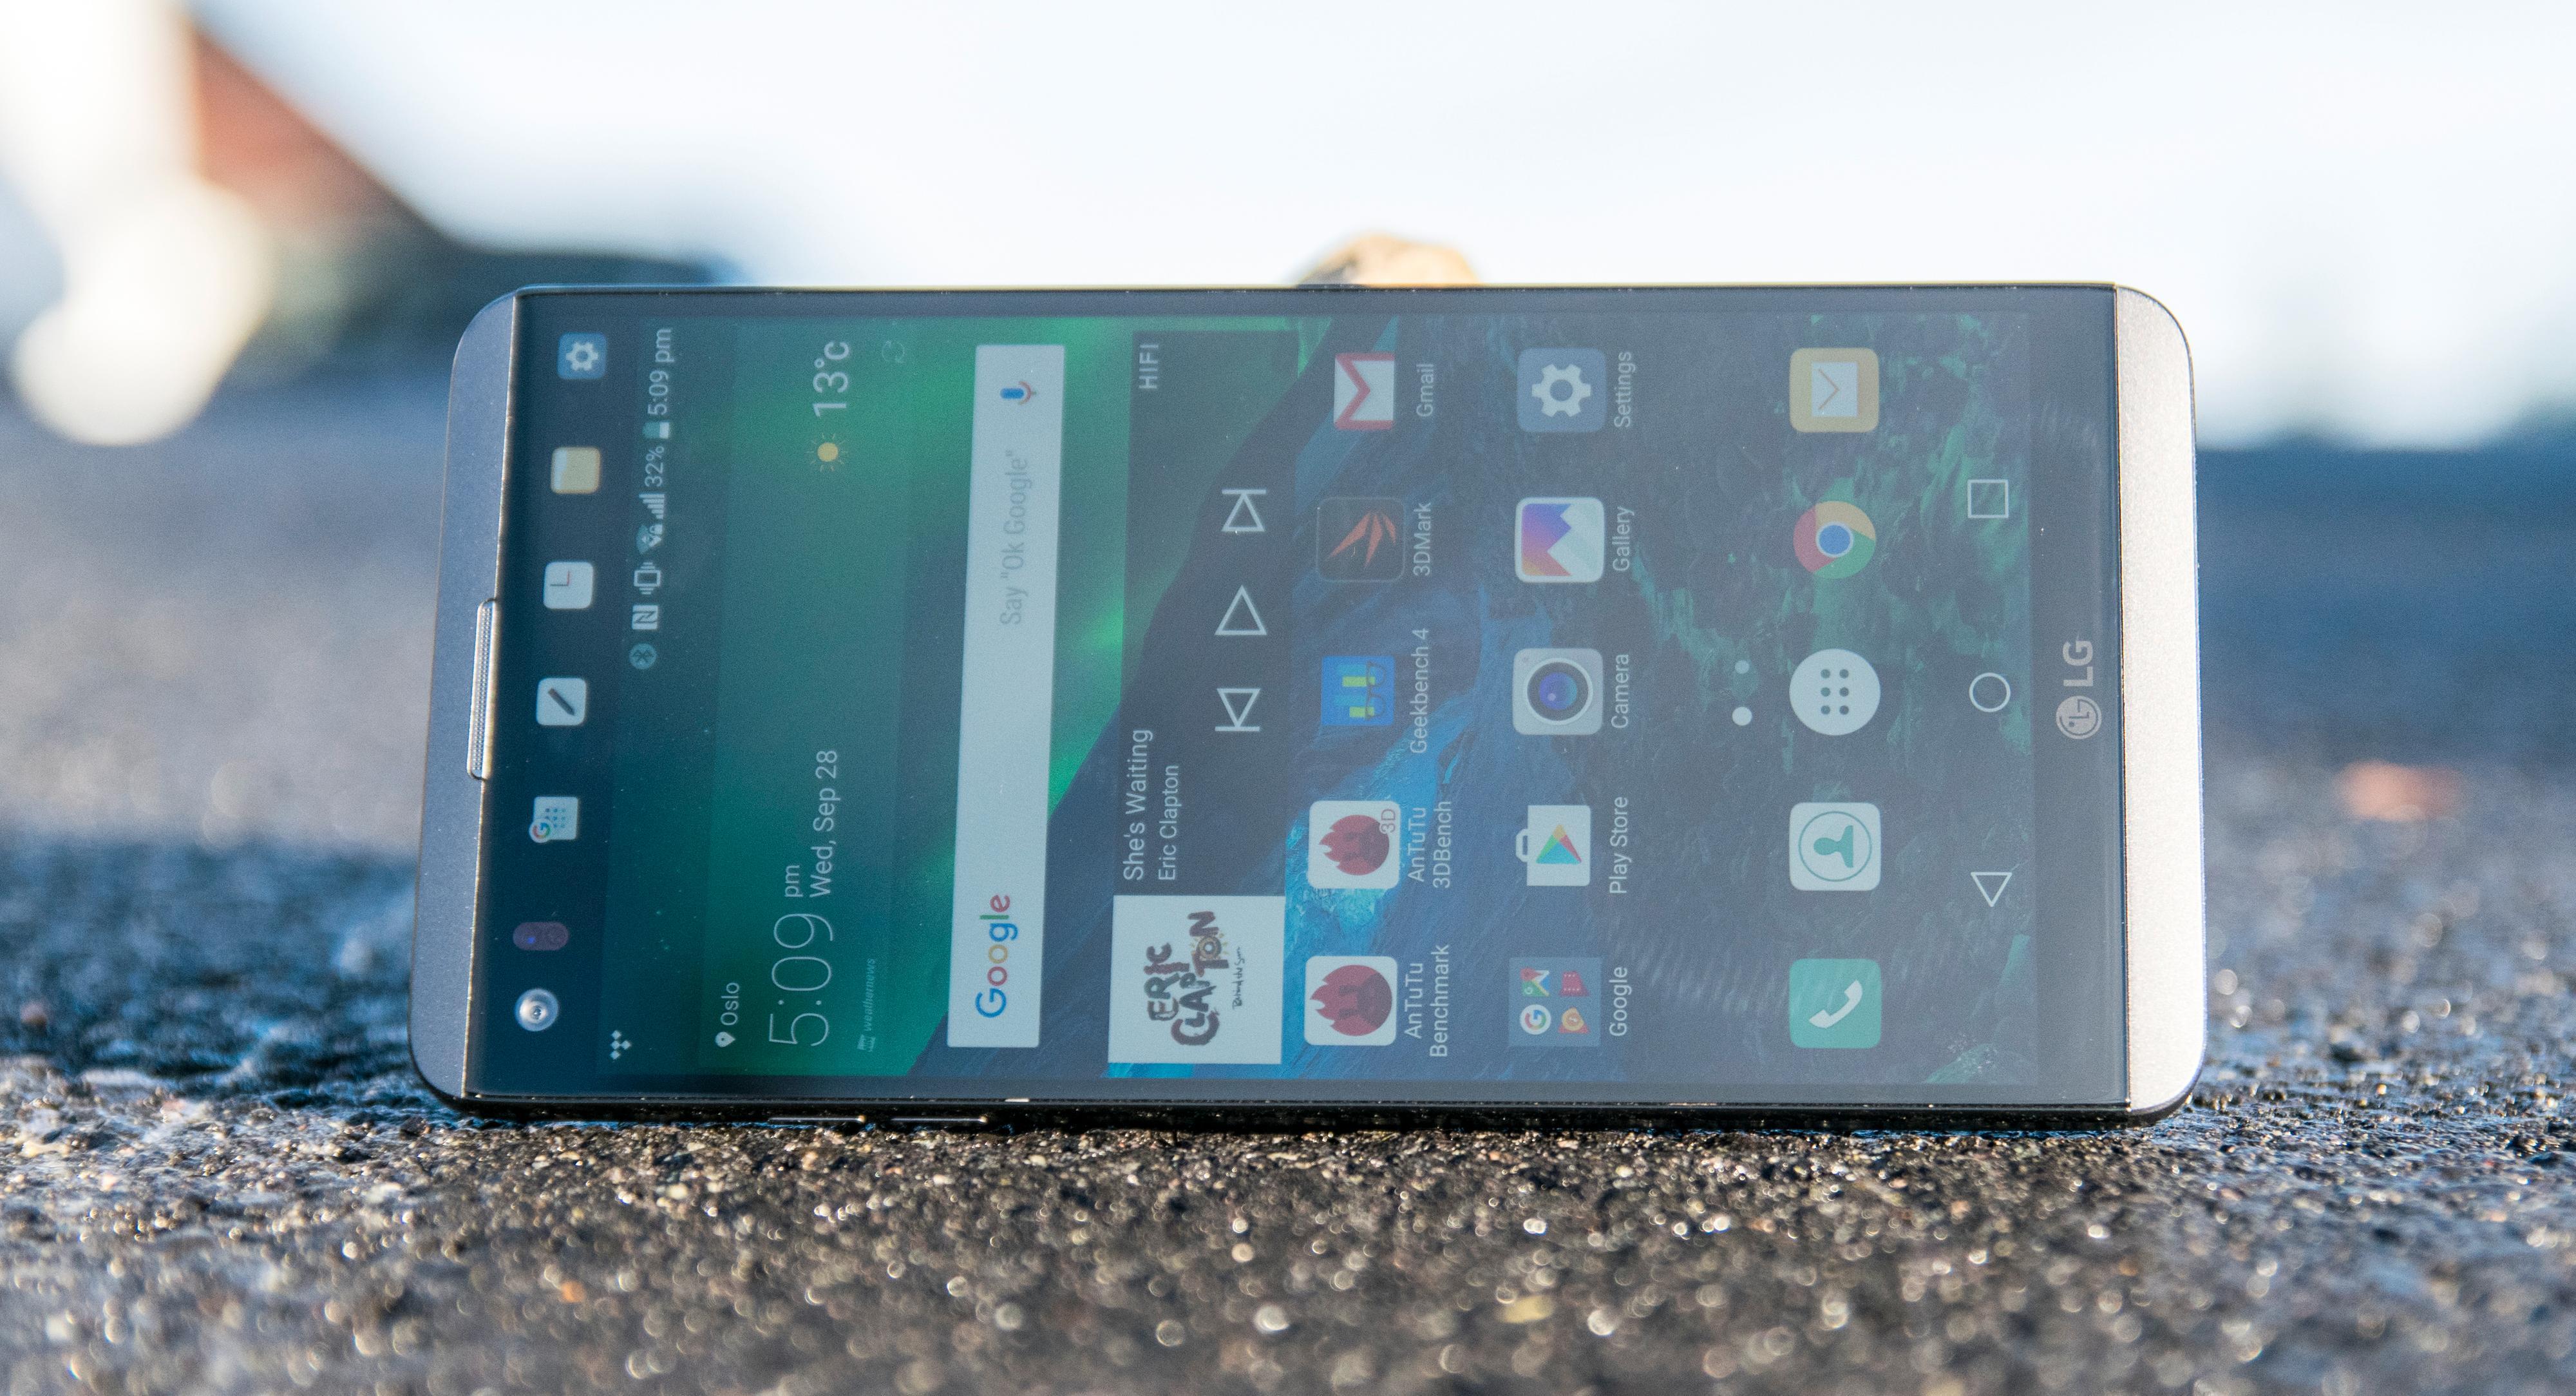 En flott IPS-skjerm med svært høy oppløsning pryder forsiden av telefonen. Størrelsen er på 5,7 tommer.